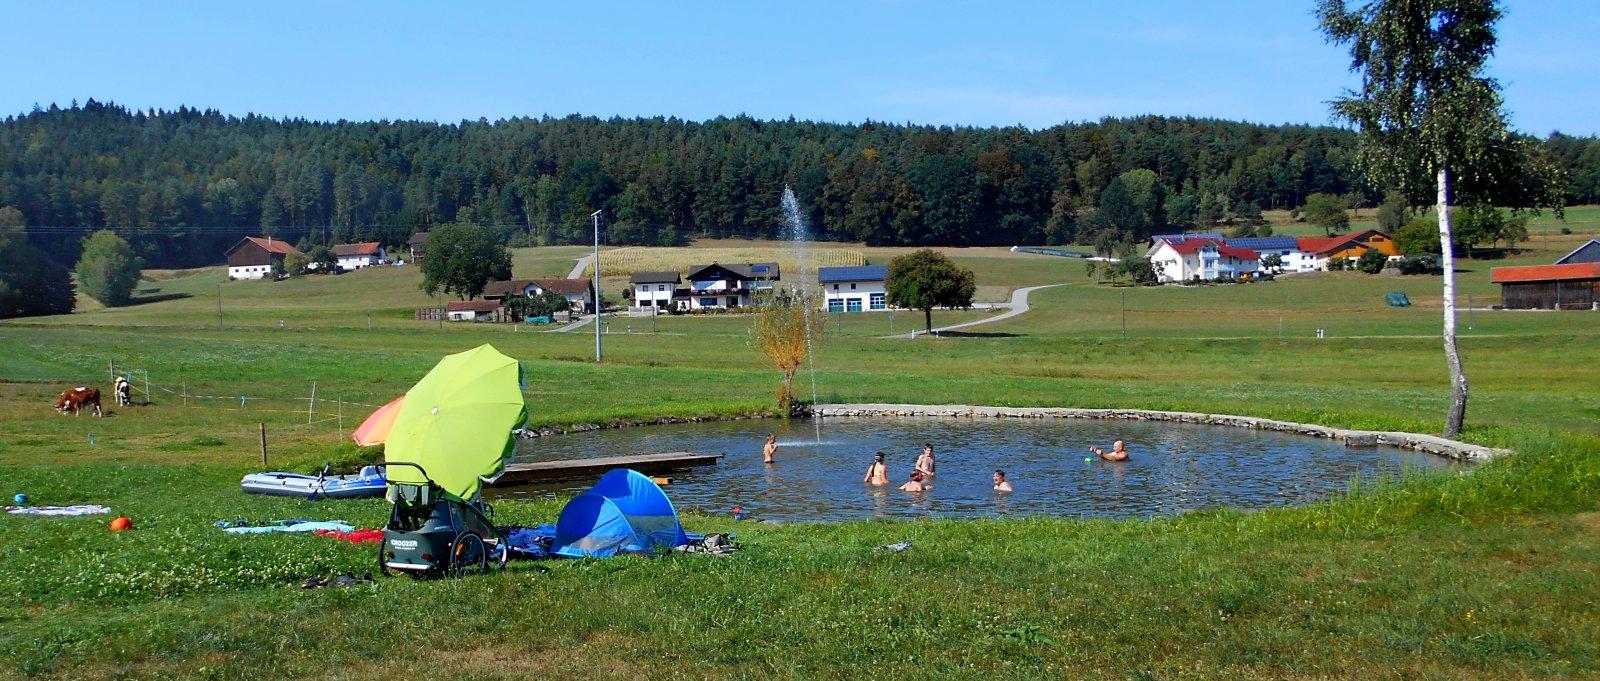 breitbilder-bayerischer-wald-urlaub-badeteich-wasser-schwimmen-1600